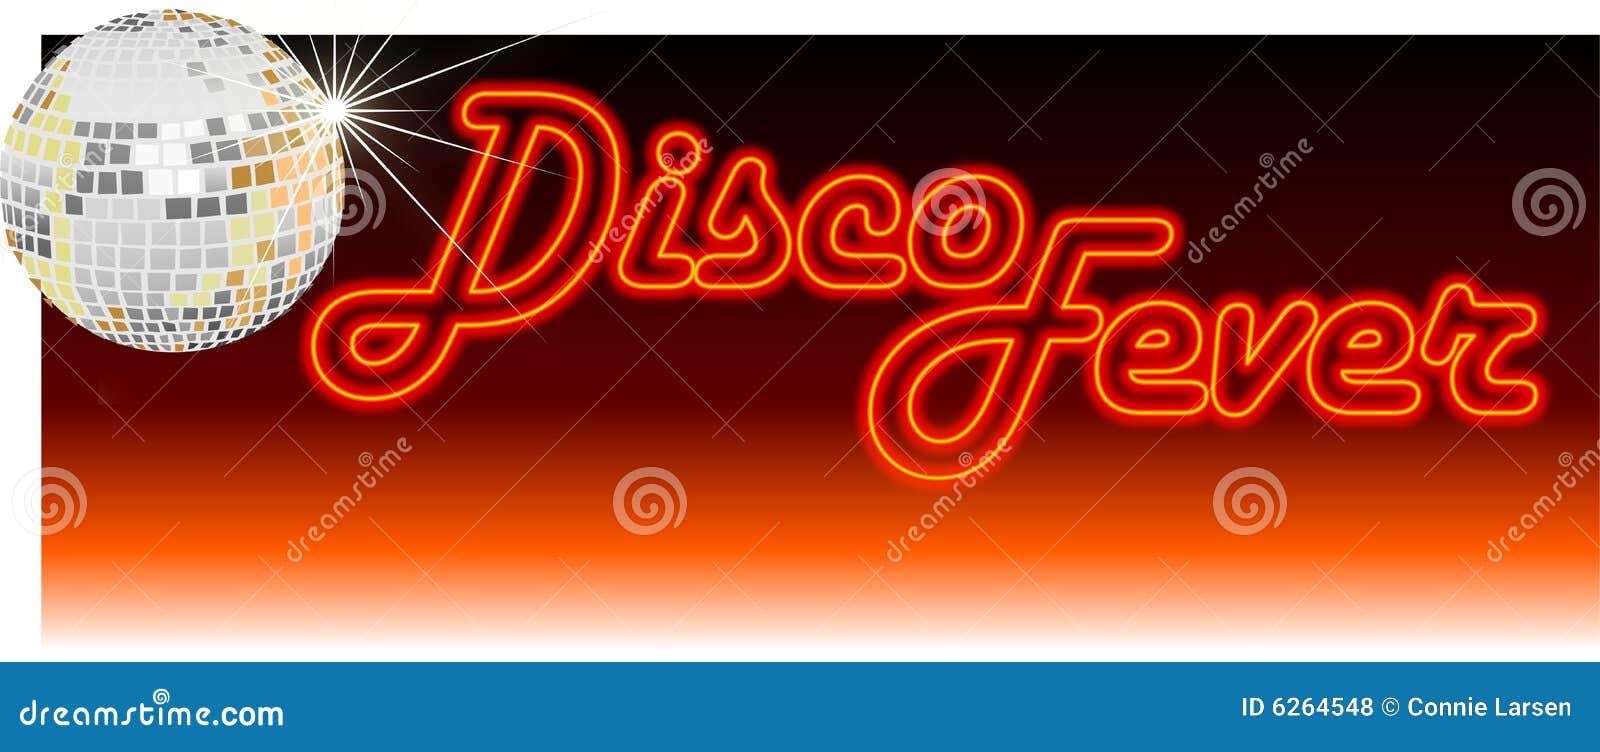 Retro Disco Fever Orange